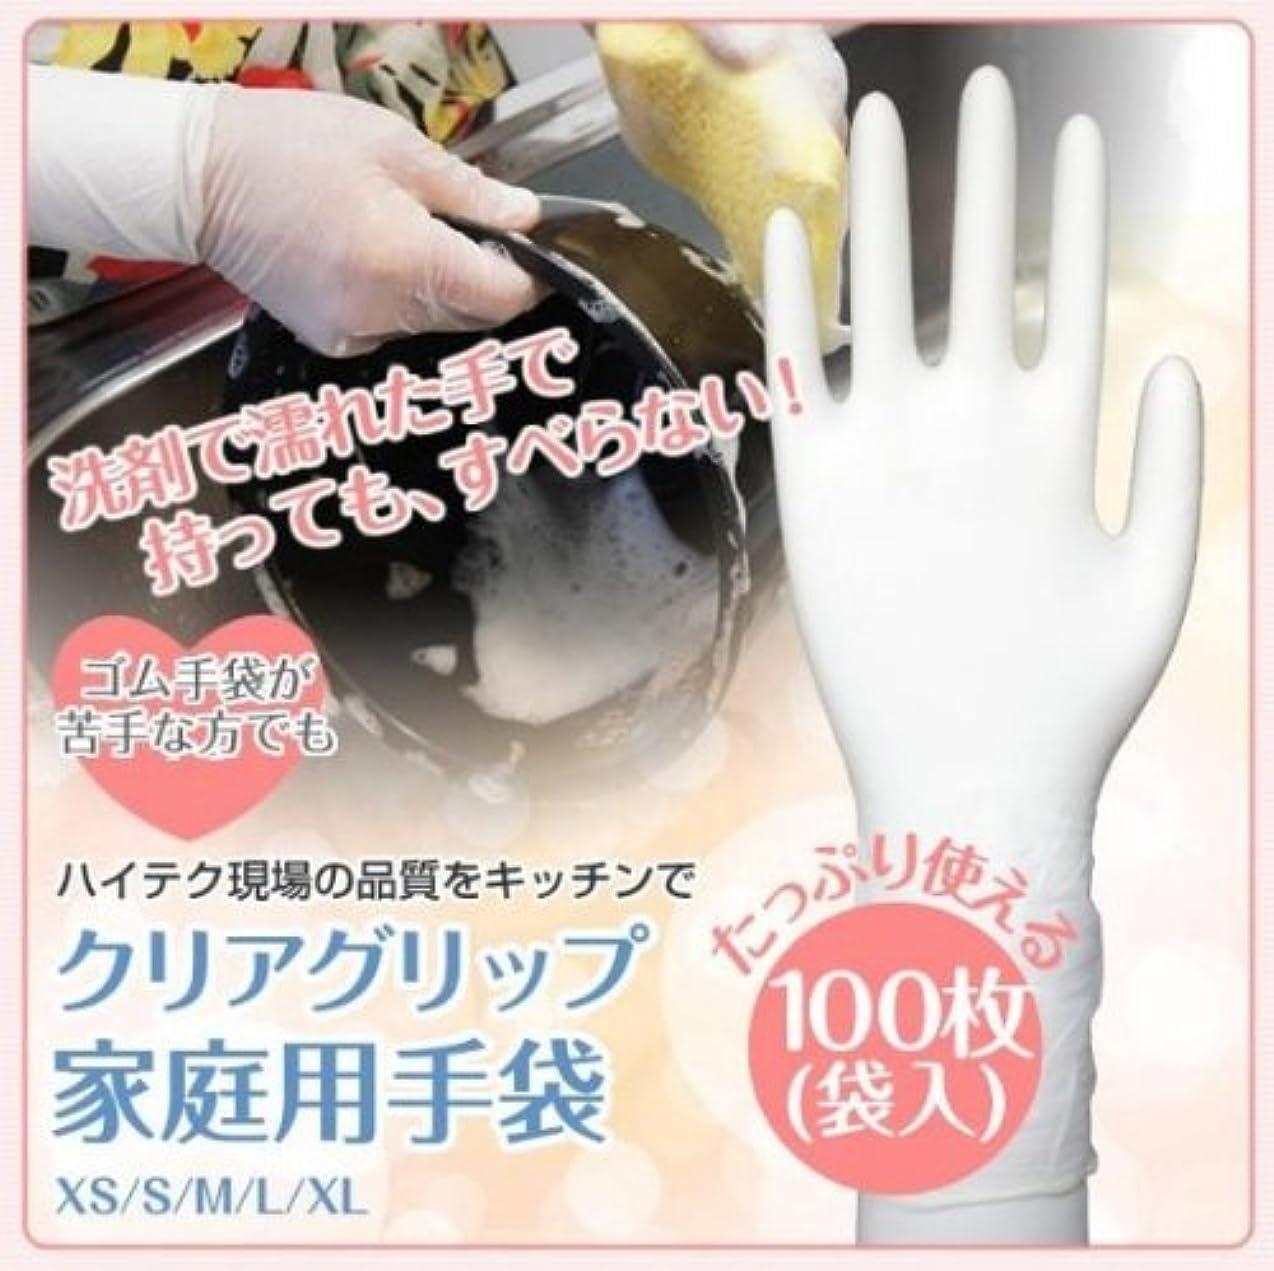 死すべき不利益哀三高サプライ ニトリル手袋 クラス100 クリアグリップ ロング(半透明) GN09 100枚入り XS